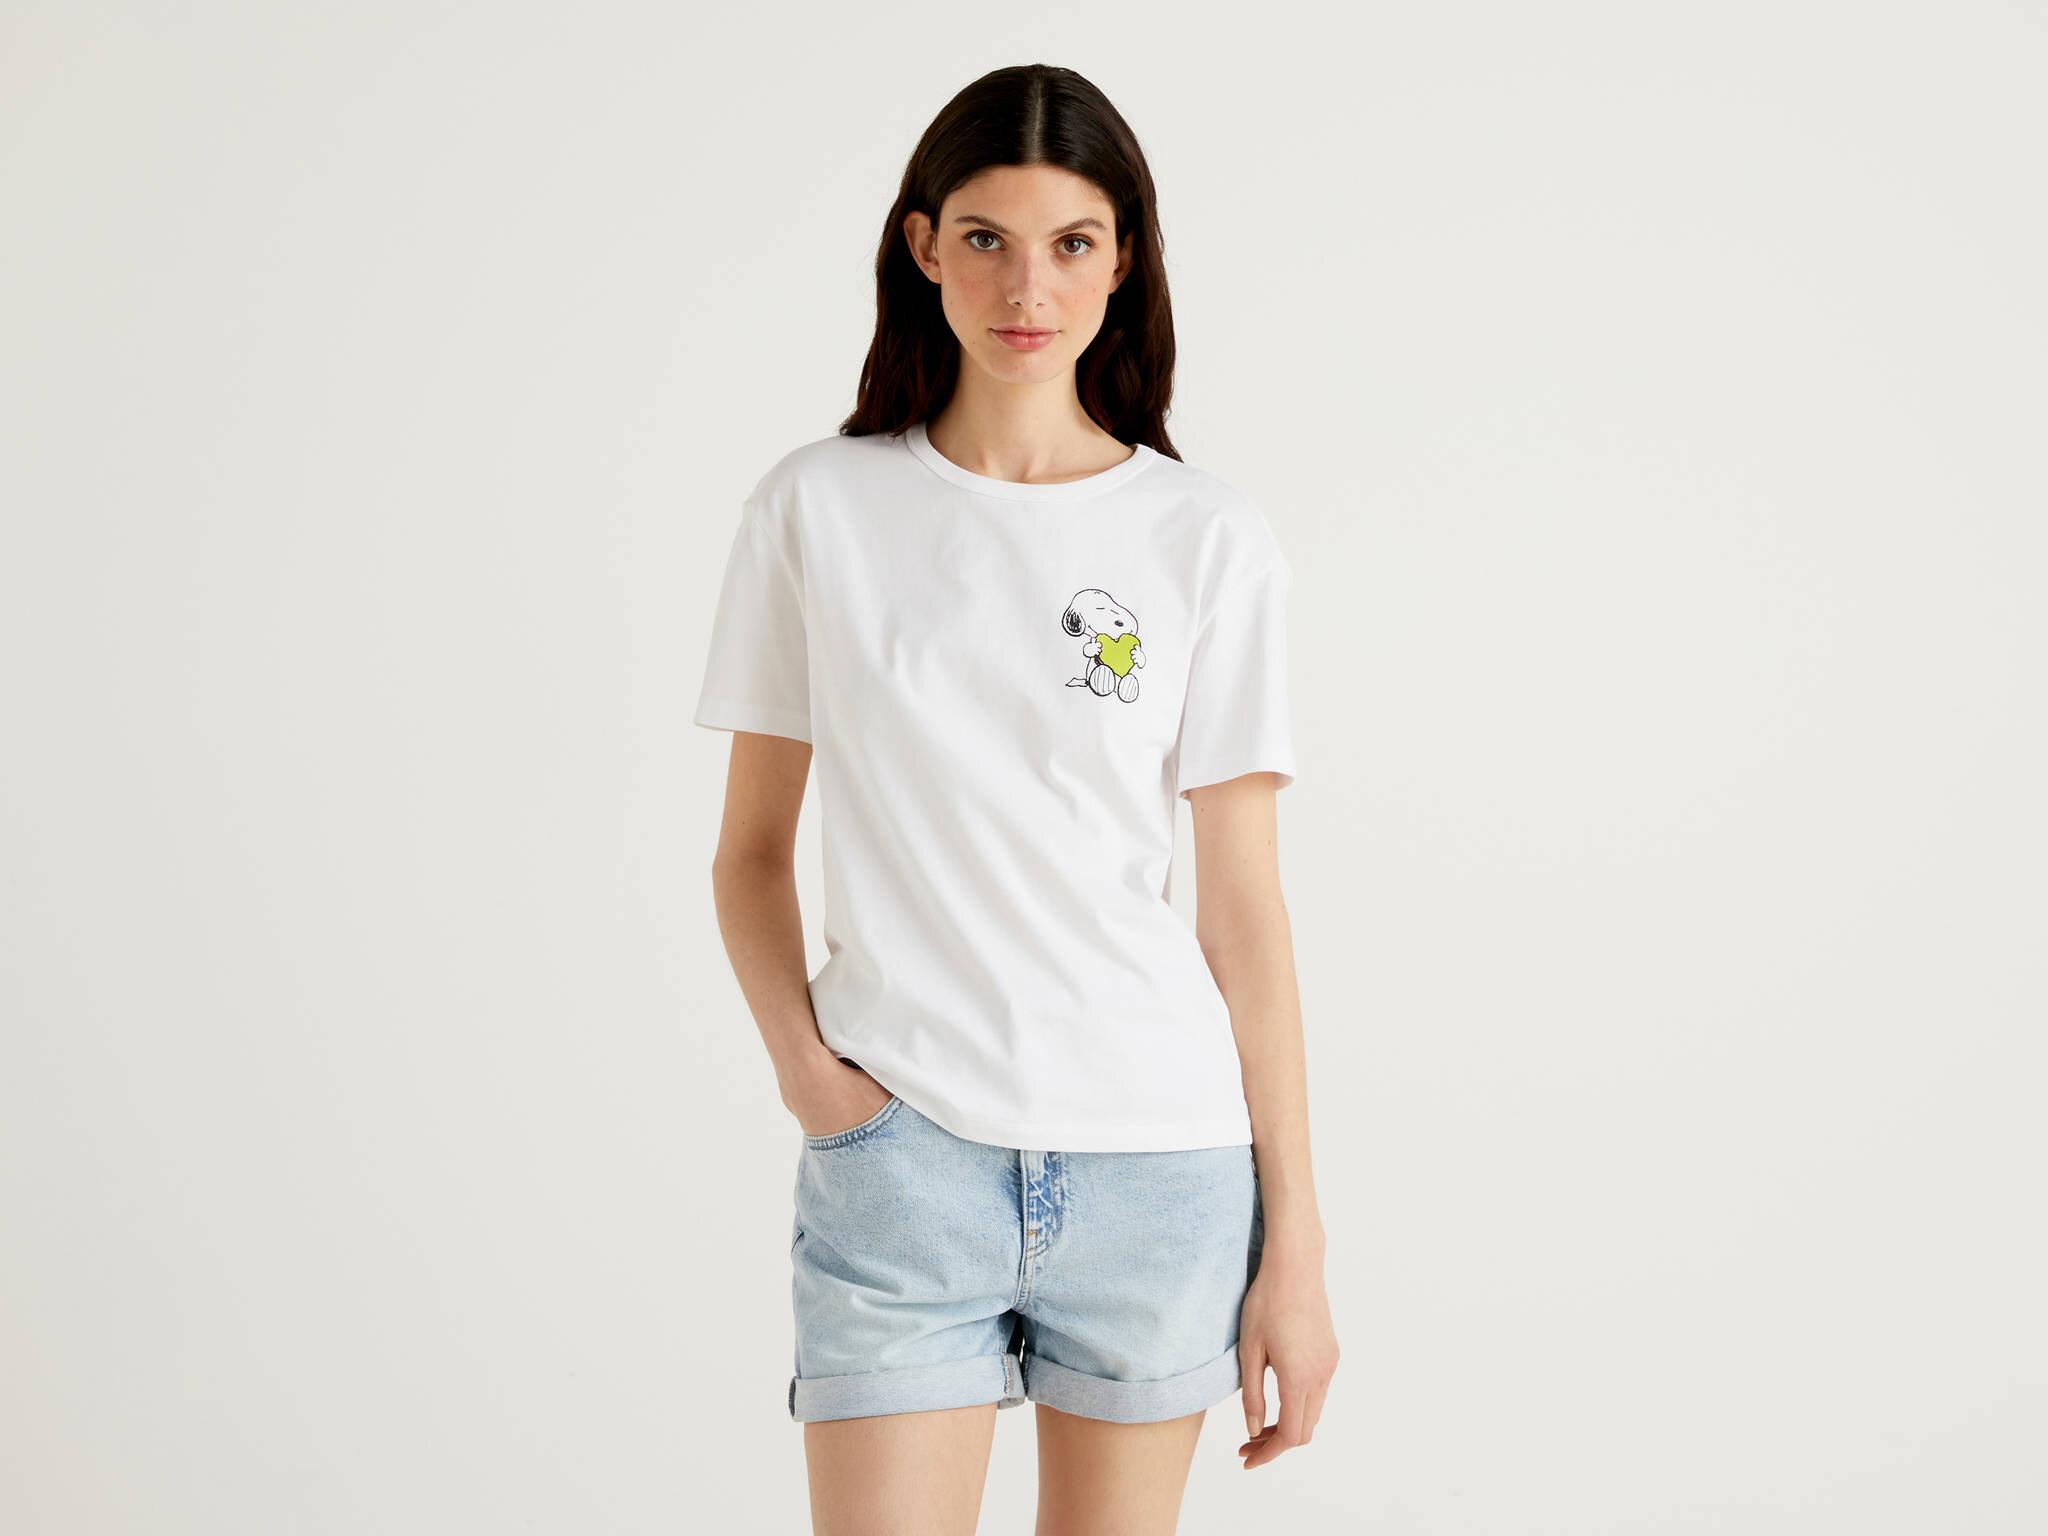 Snoopy Baskılı Tshirt